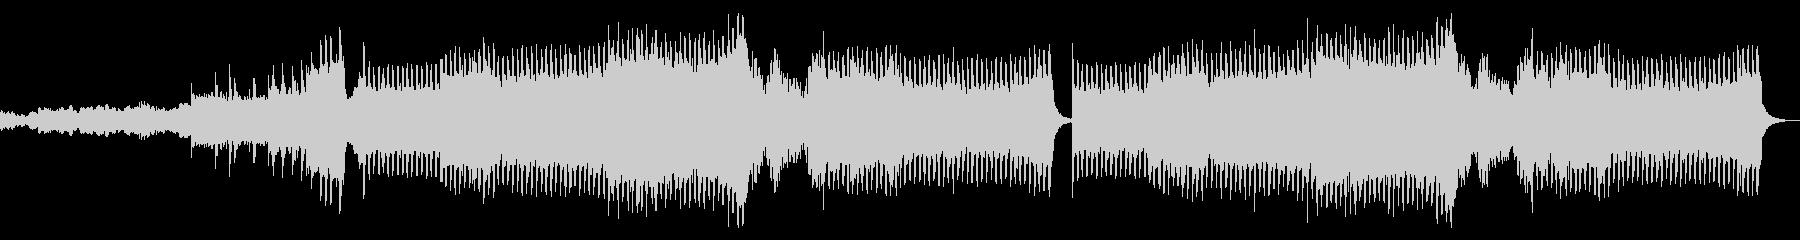 ゲームの最終決戦前に流れるようなBGMの未再生の波形